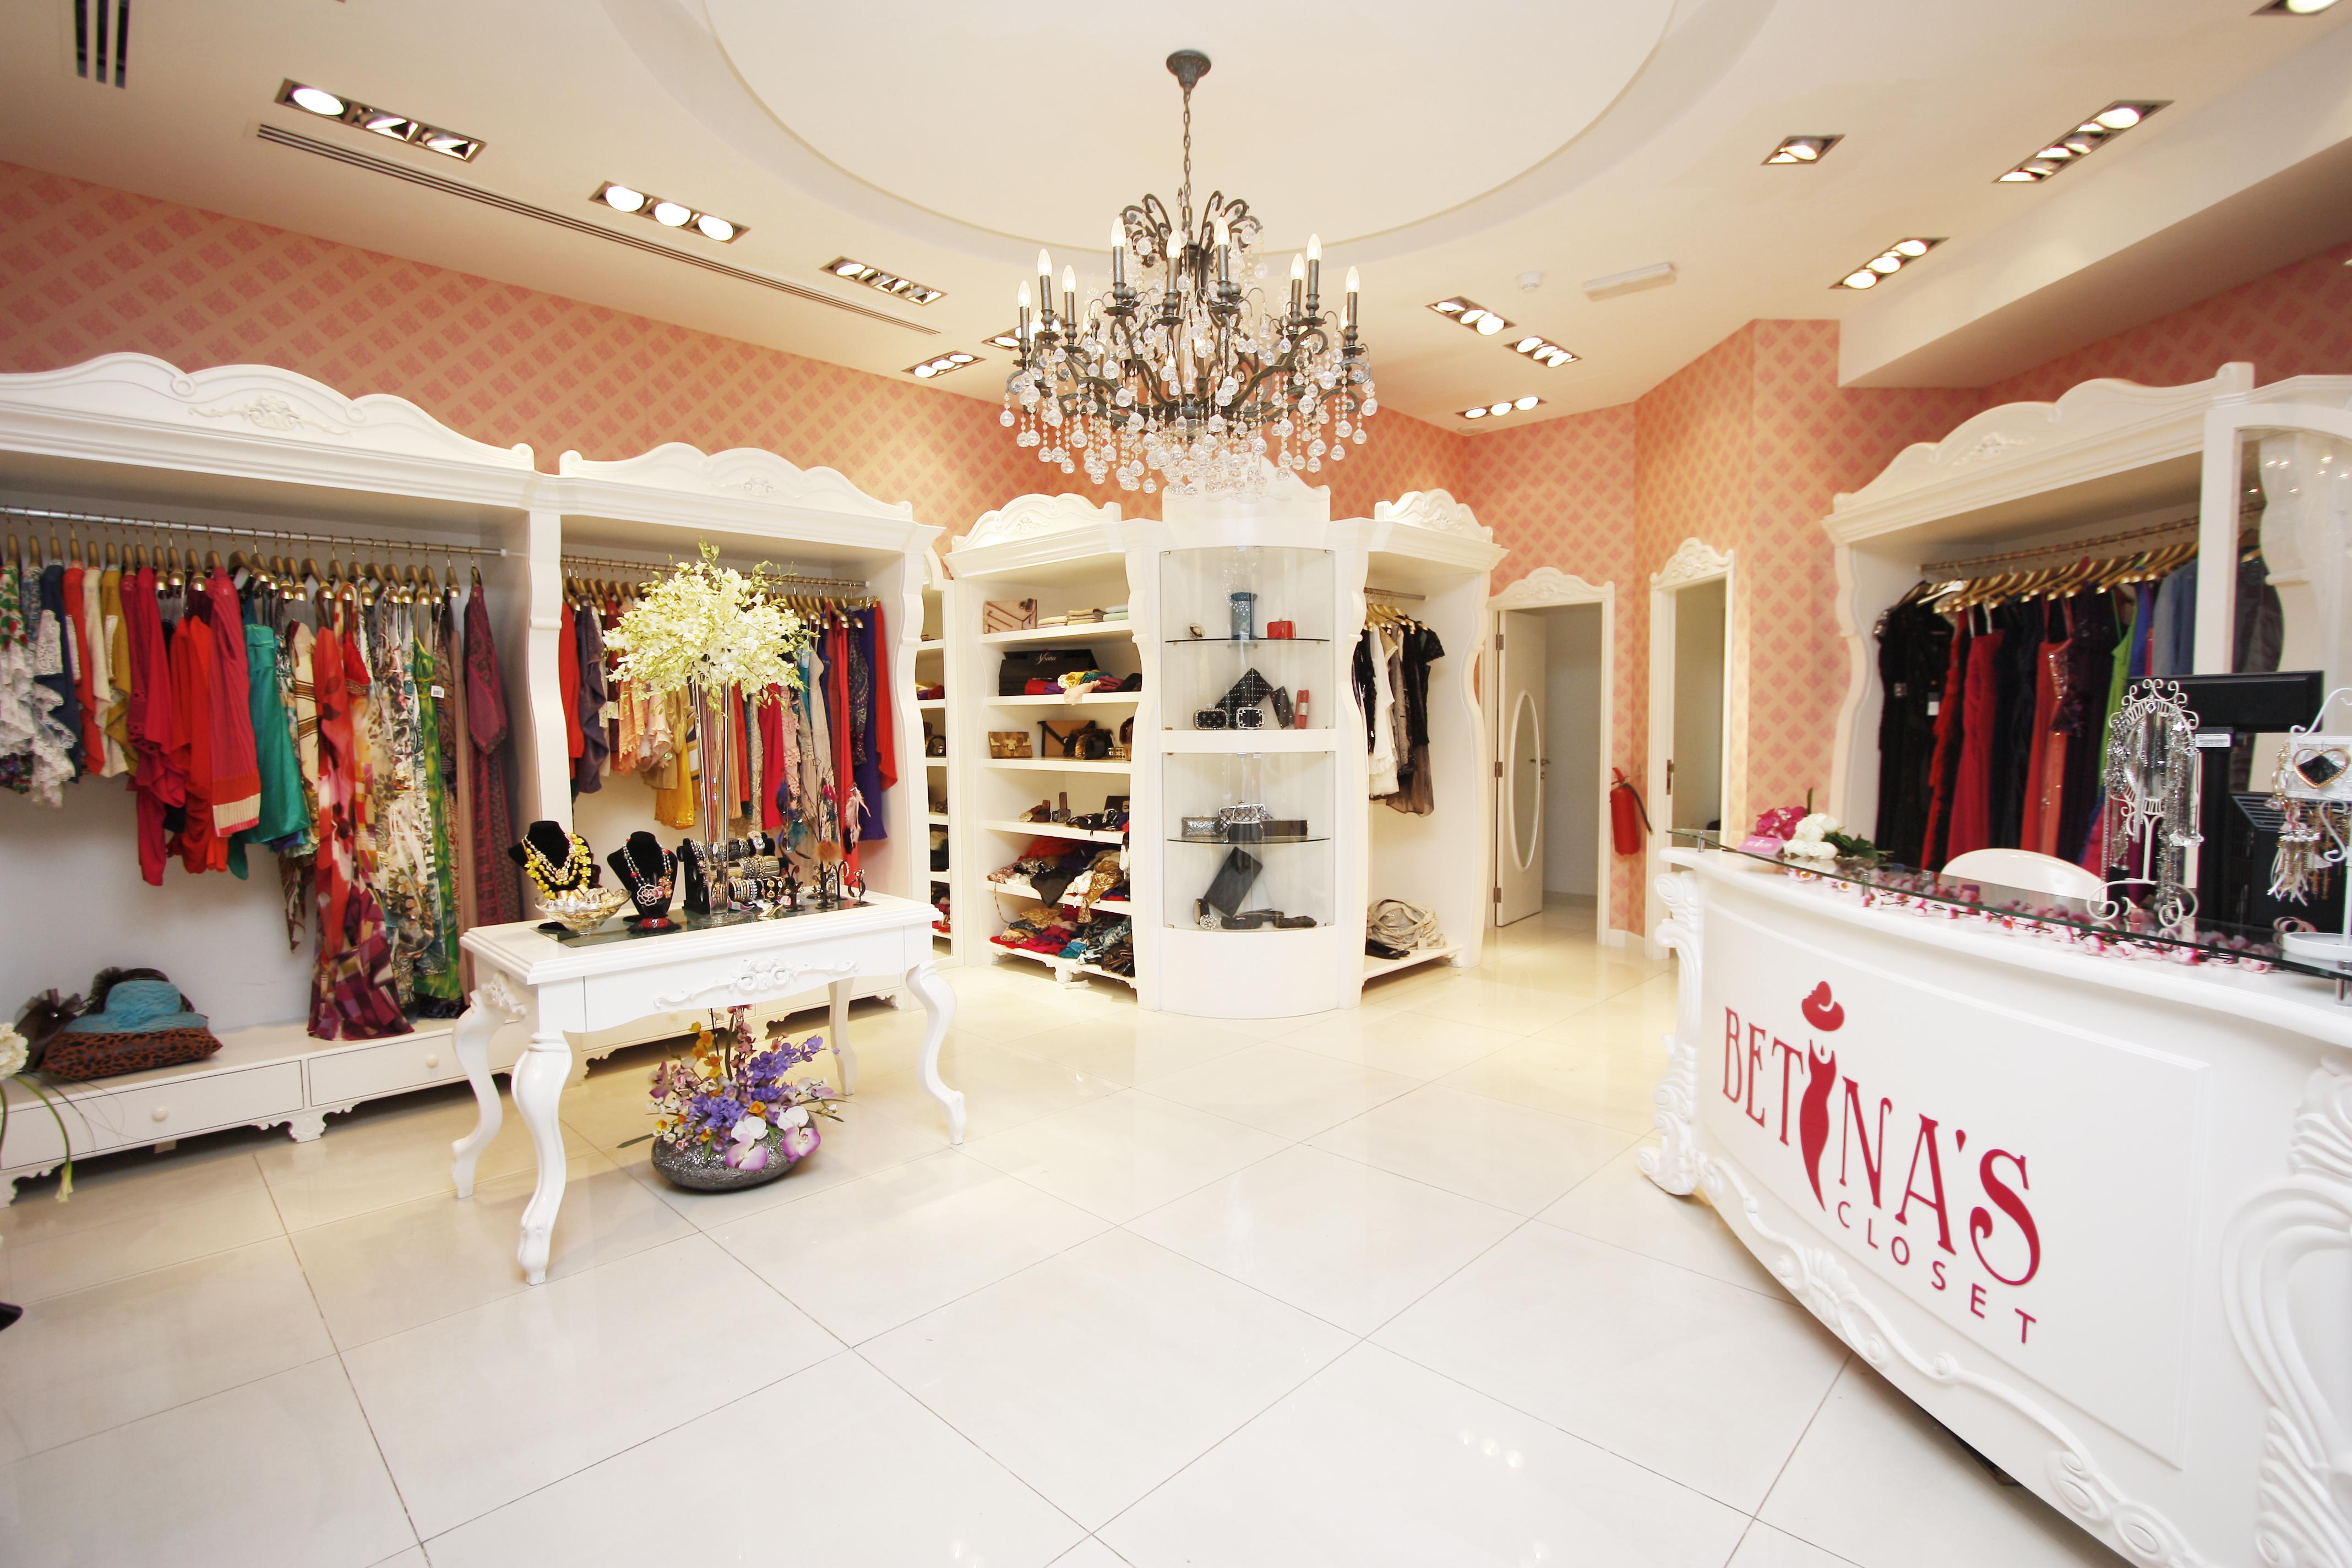 Betina's Closet Dubai